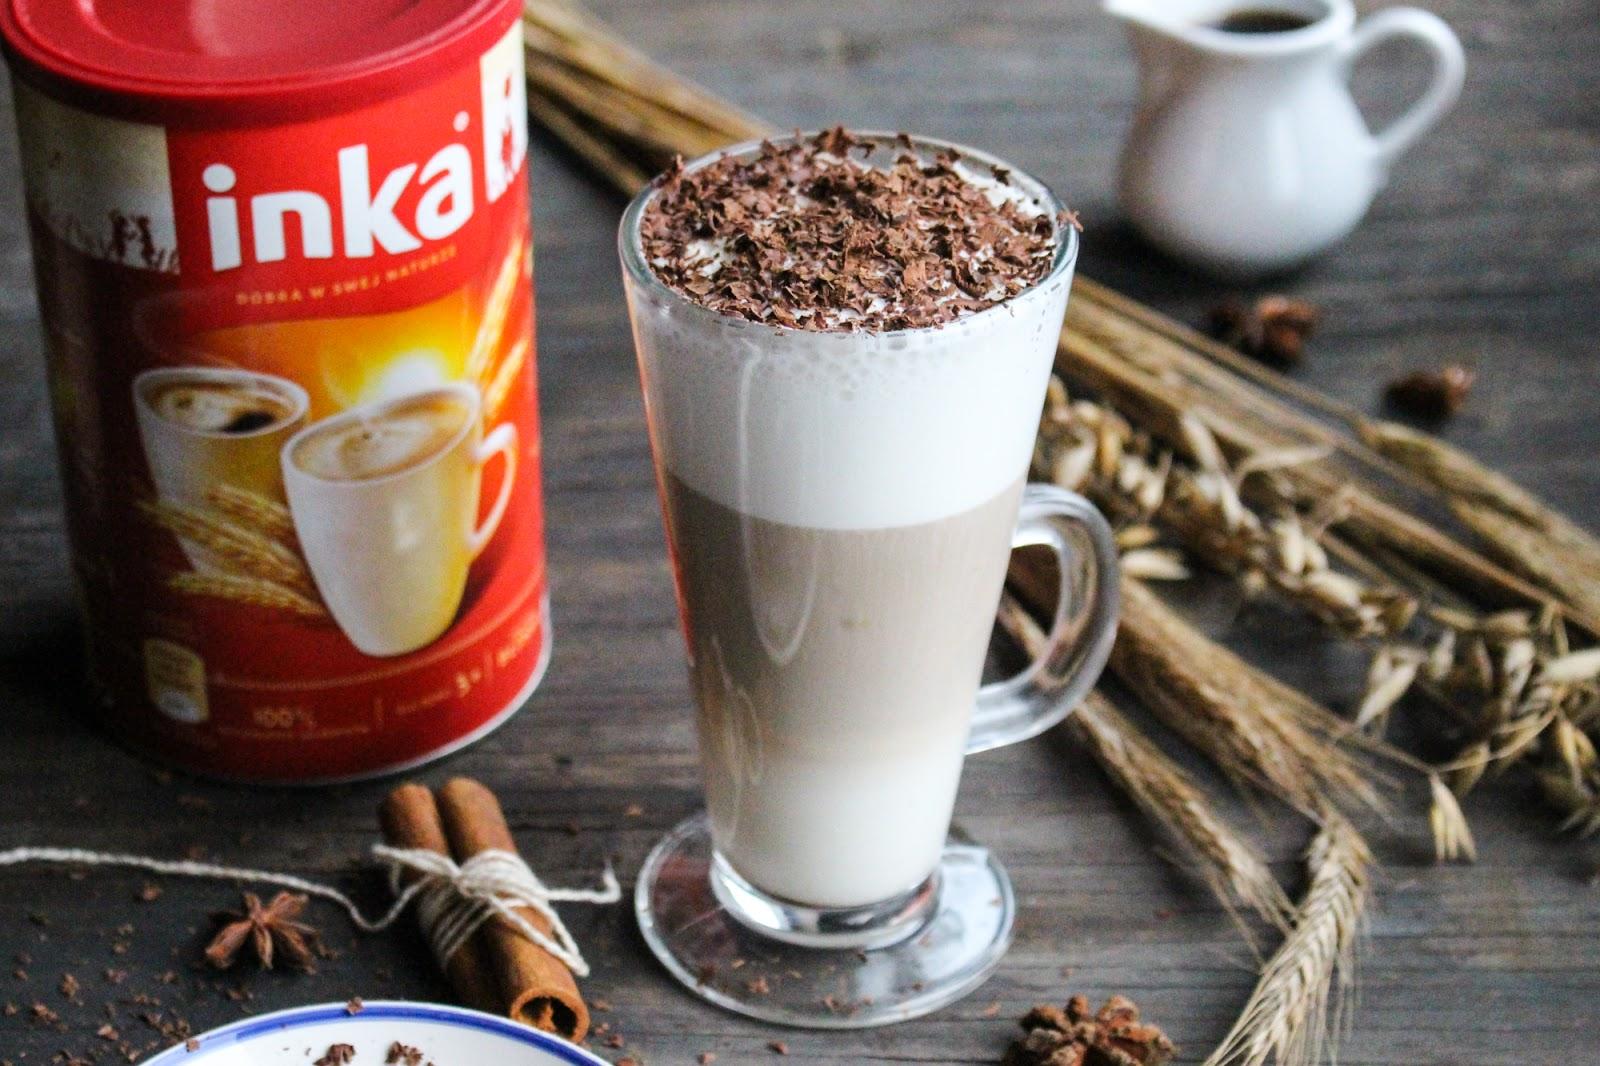 Cynamonowa latte. Kawa idealna na jesienne dni.